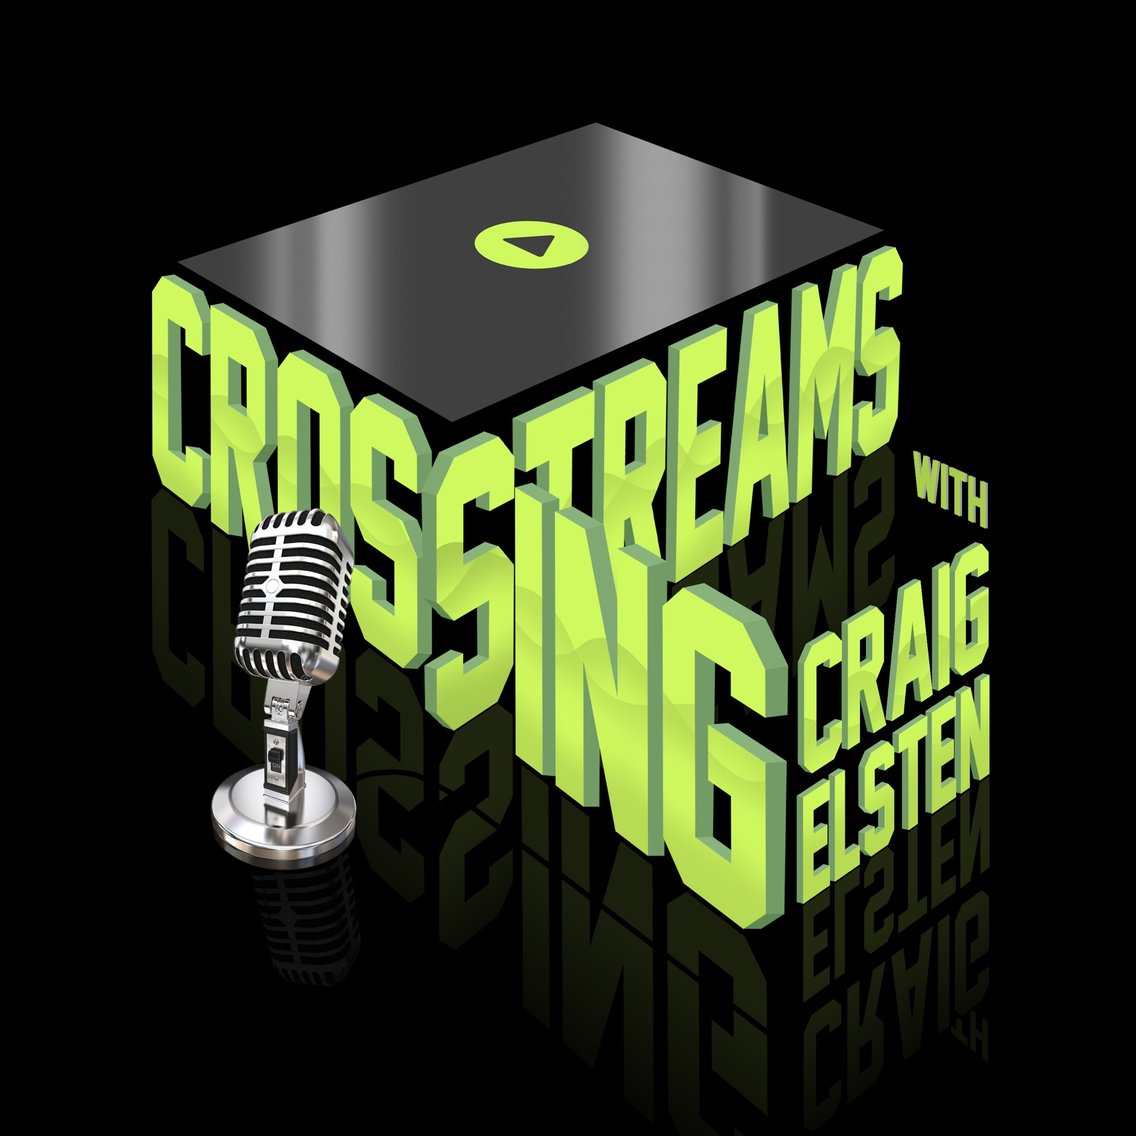 Crossing Streams - immagine di copertina